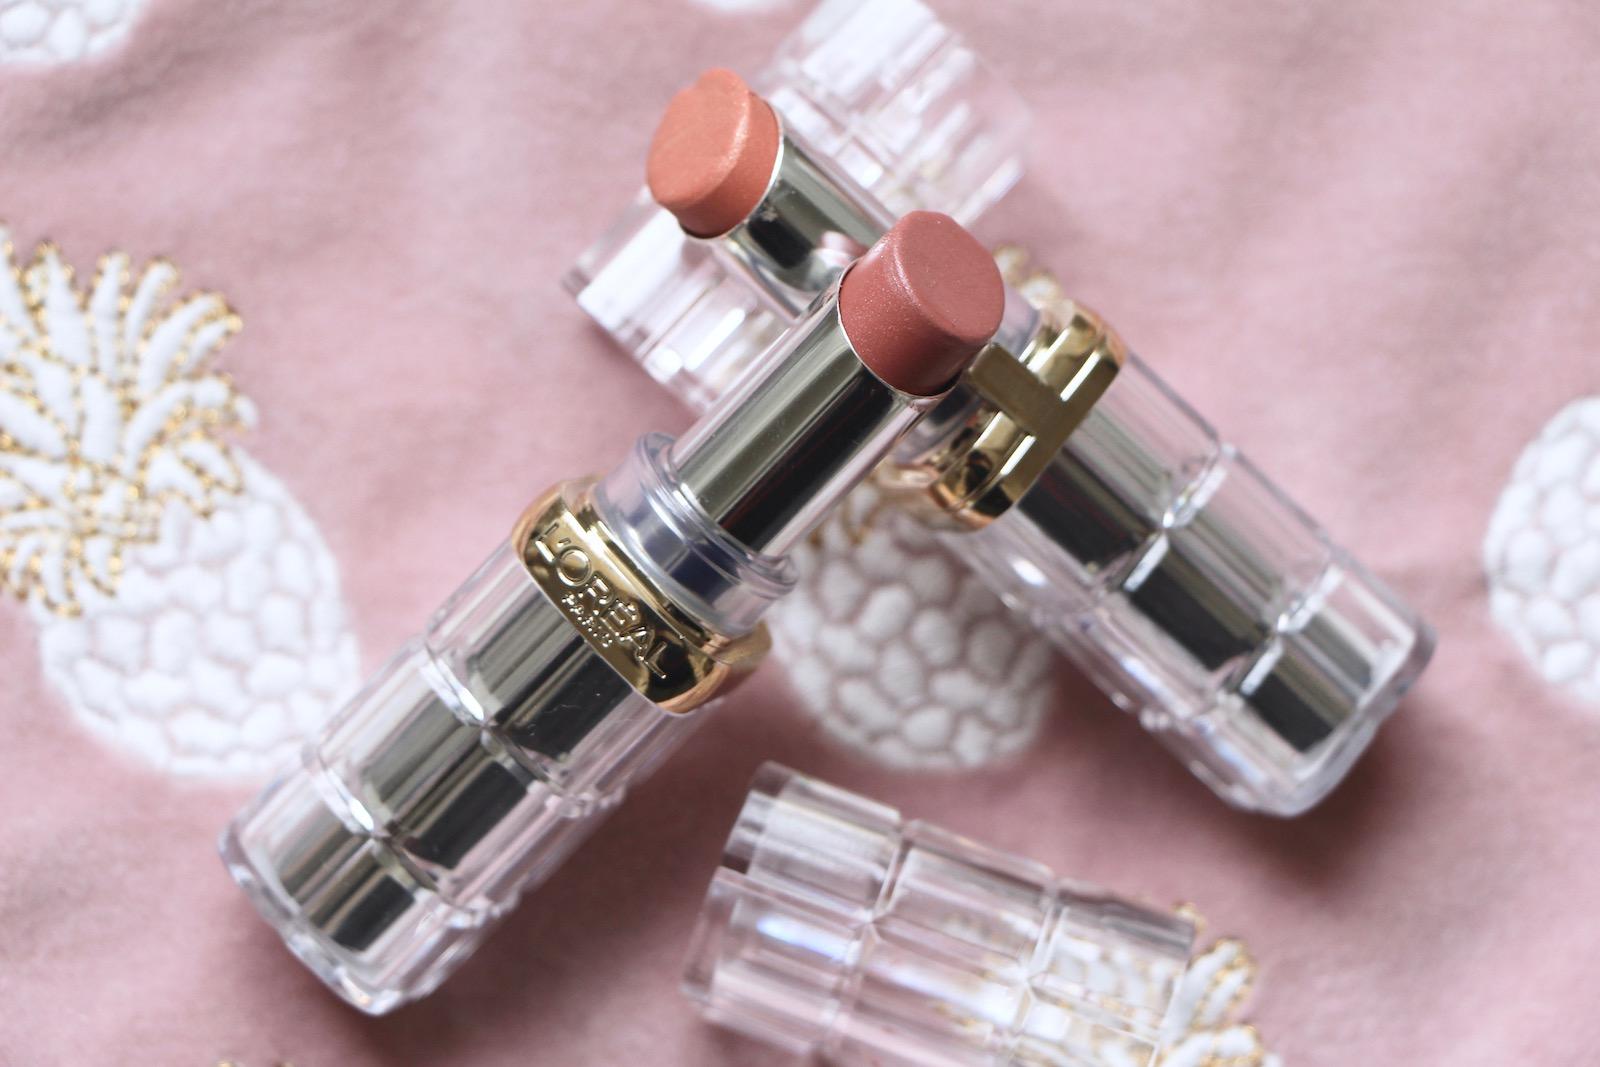 L'Oreal Paris Colour Riche Shine Lipstick Review